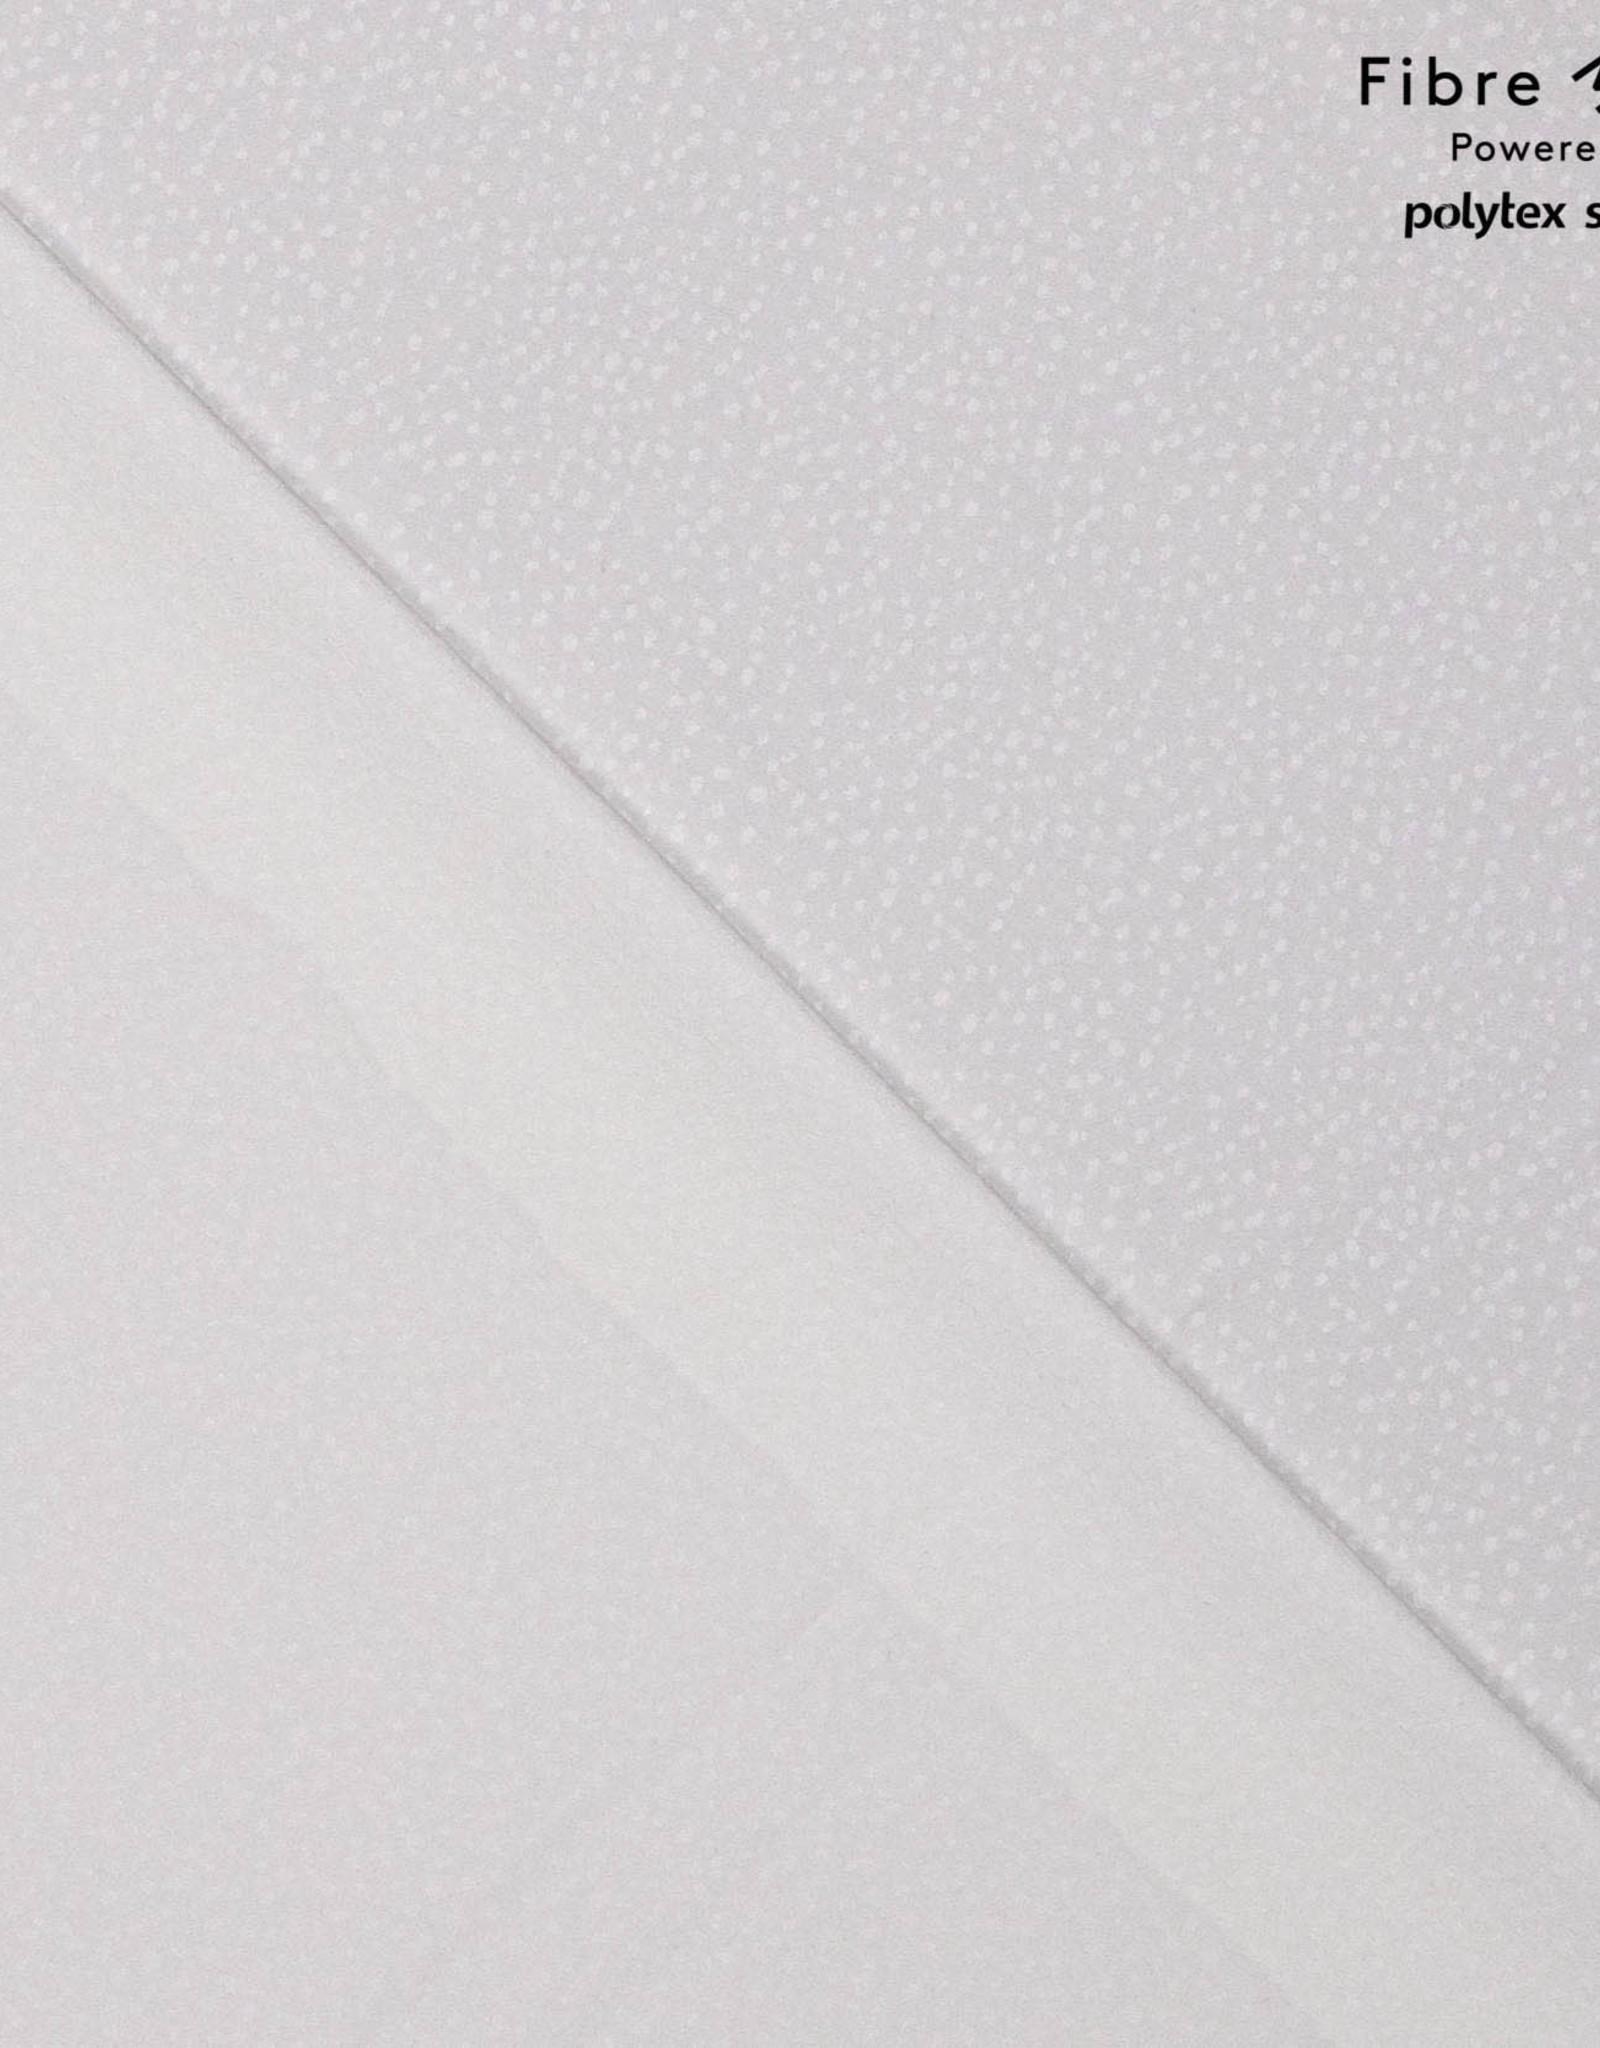 Fibre Mood Fibre Mood ed 16 jacquard dots print ecru/wit (Ermine, Tilda)